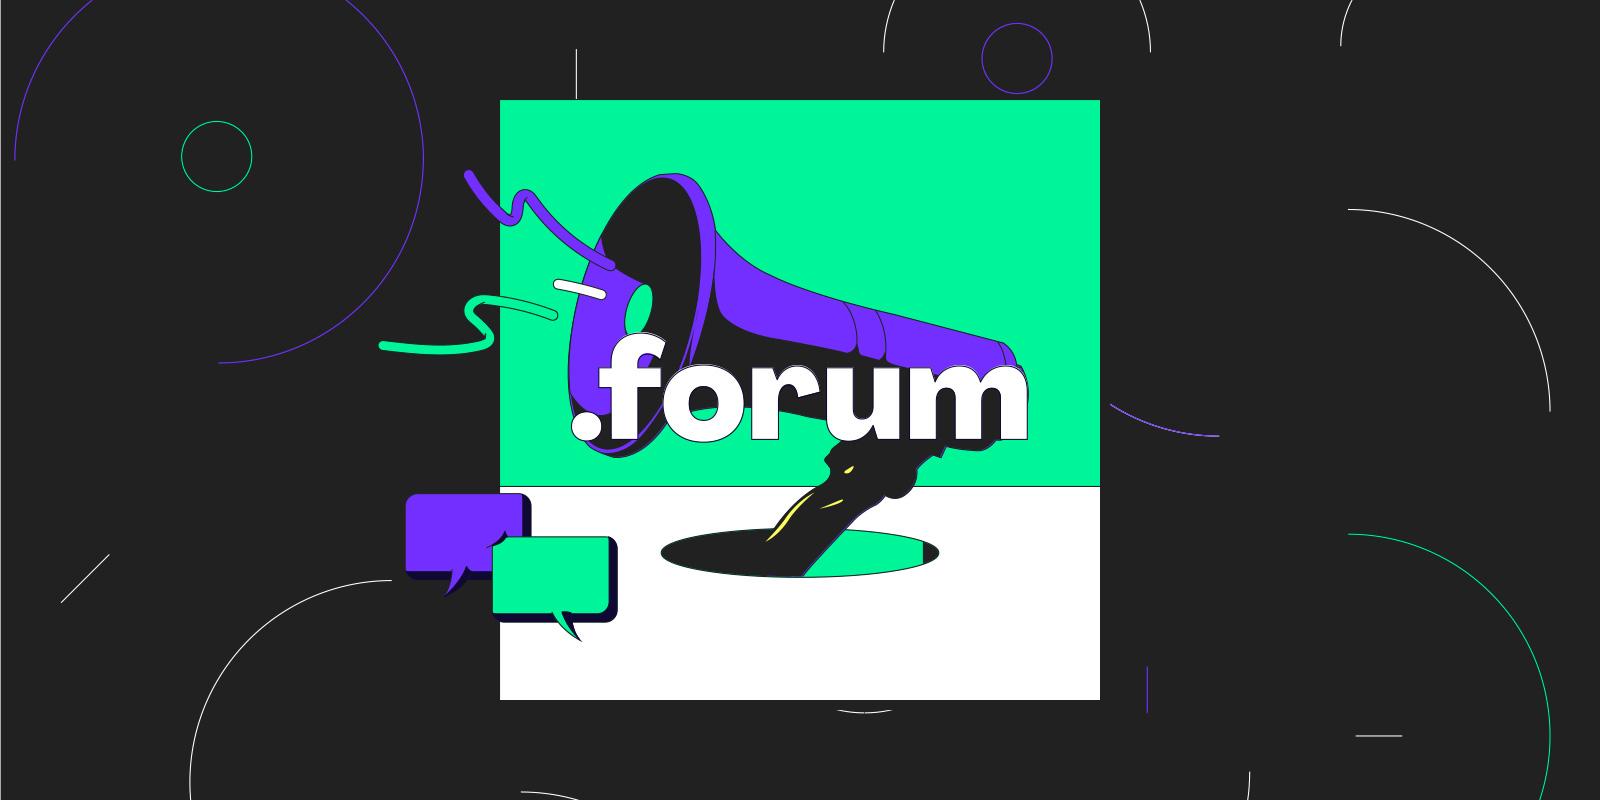 まもなく .forum ドメインをサンライズ期間で登録できるようになります